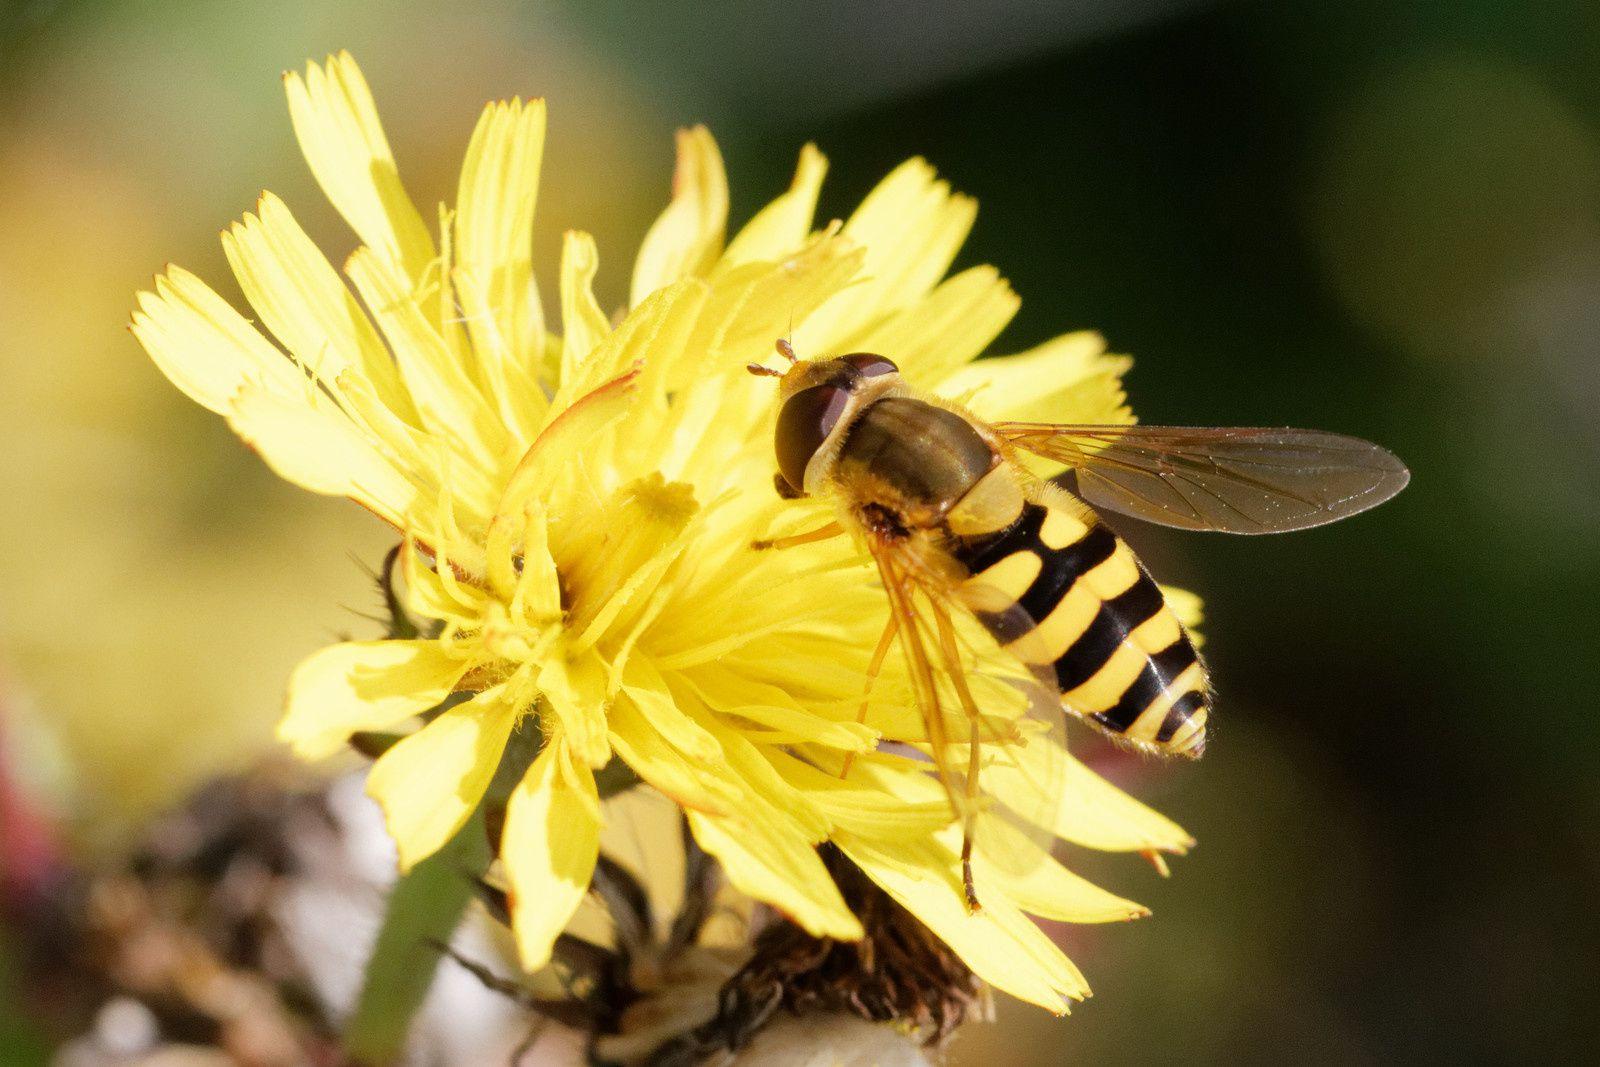 321 - Prenons un bon bain de nectar dans les Fleurs ! : 02/09/2017